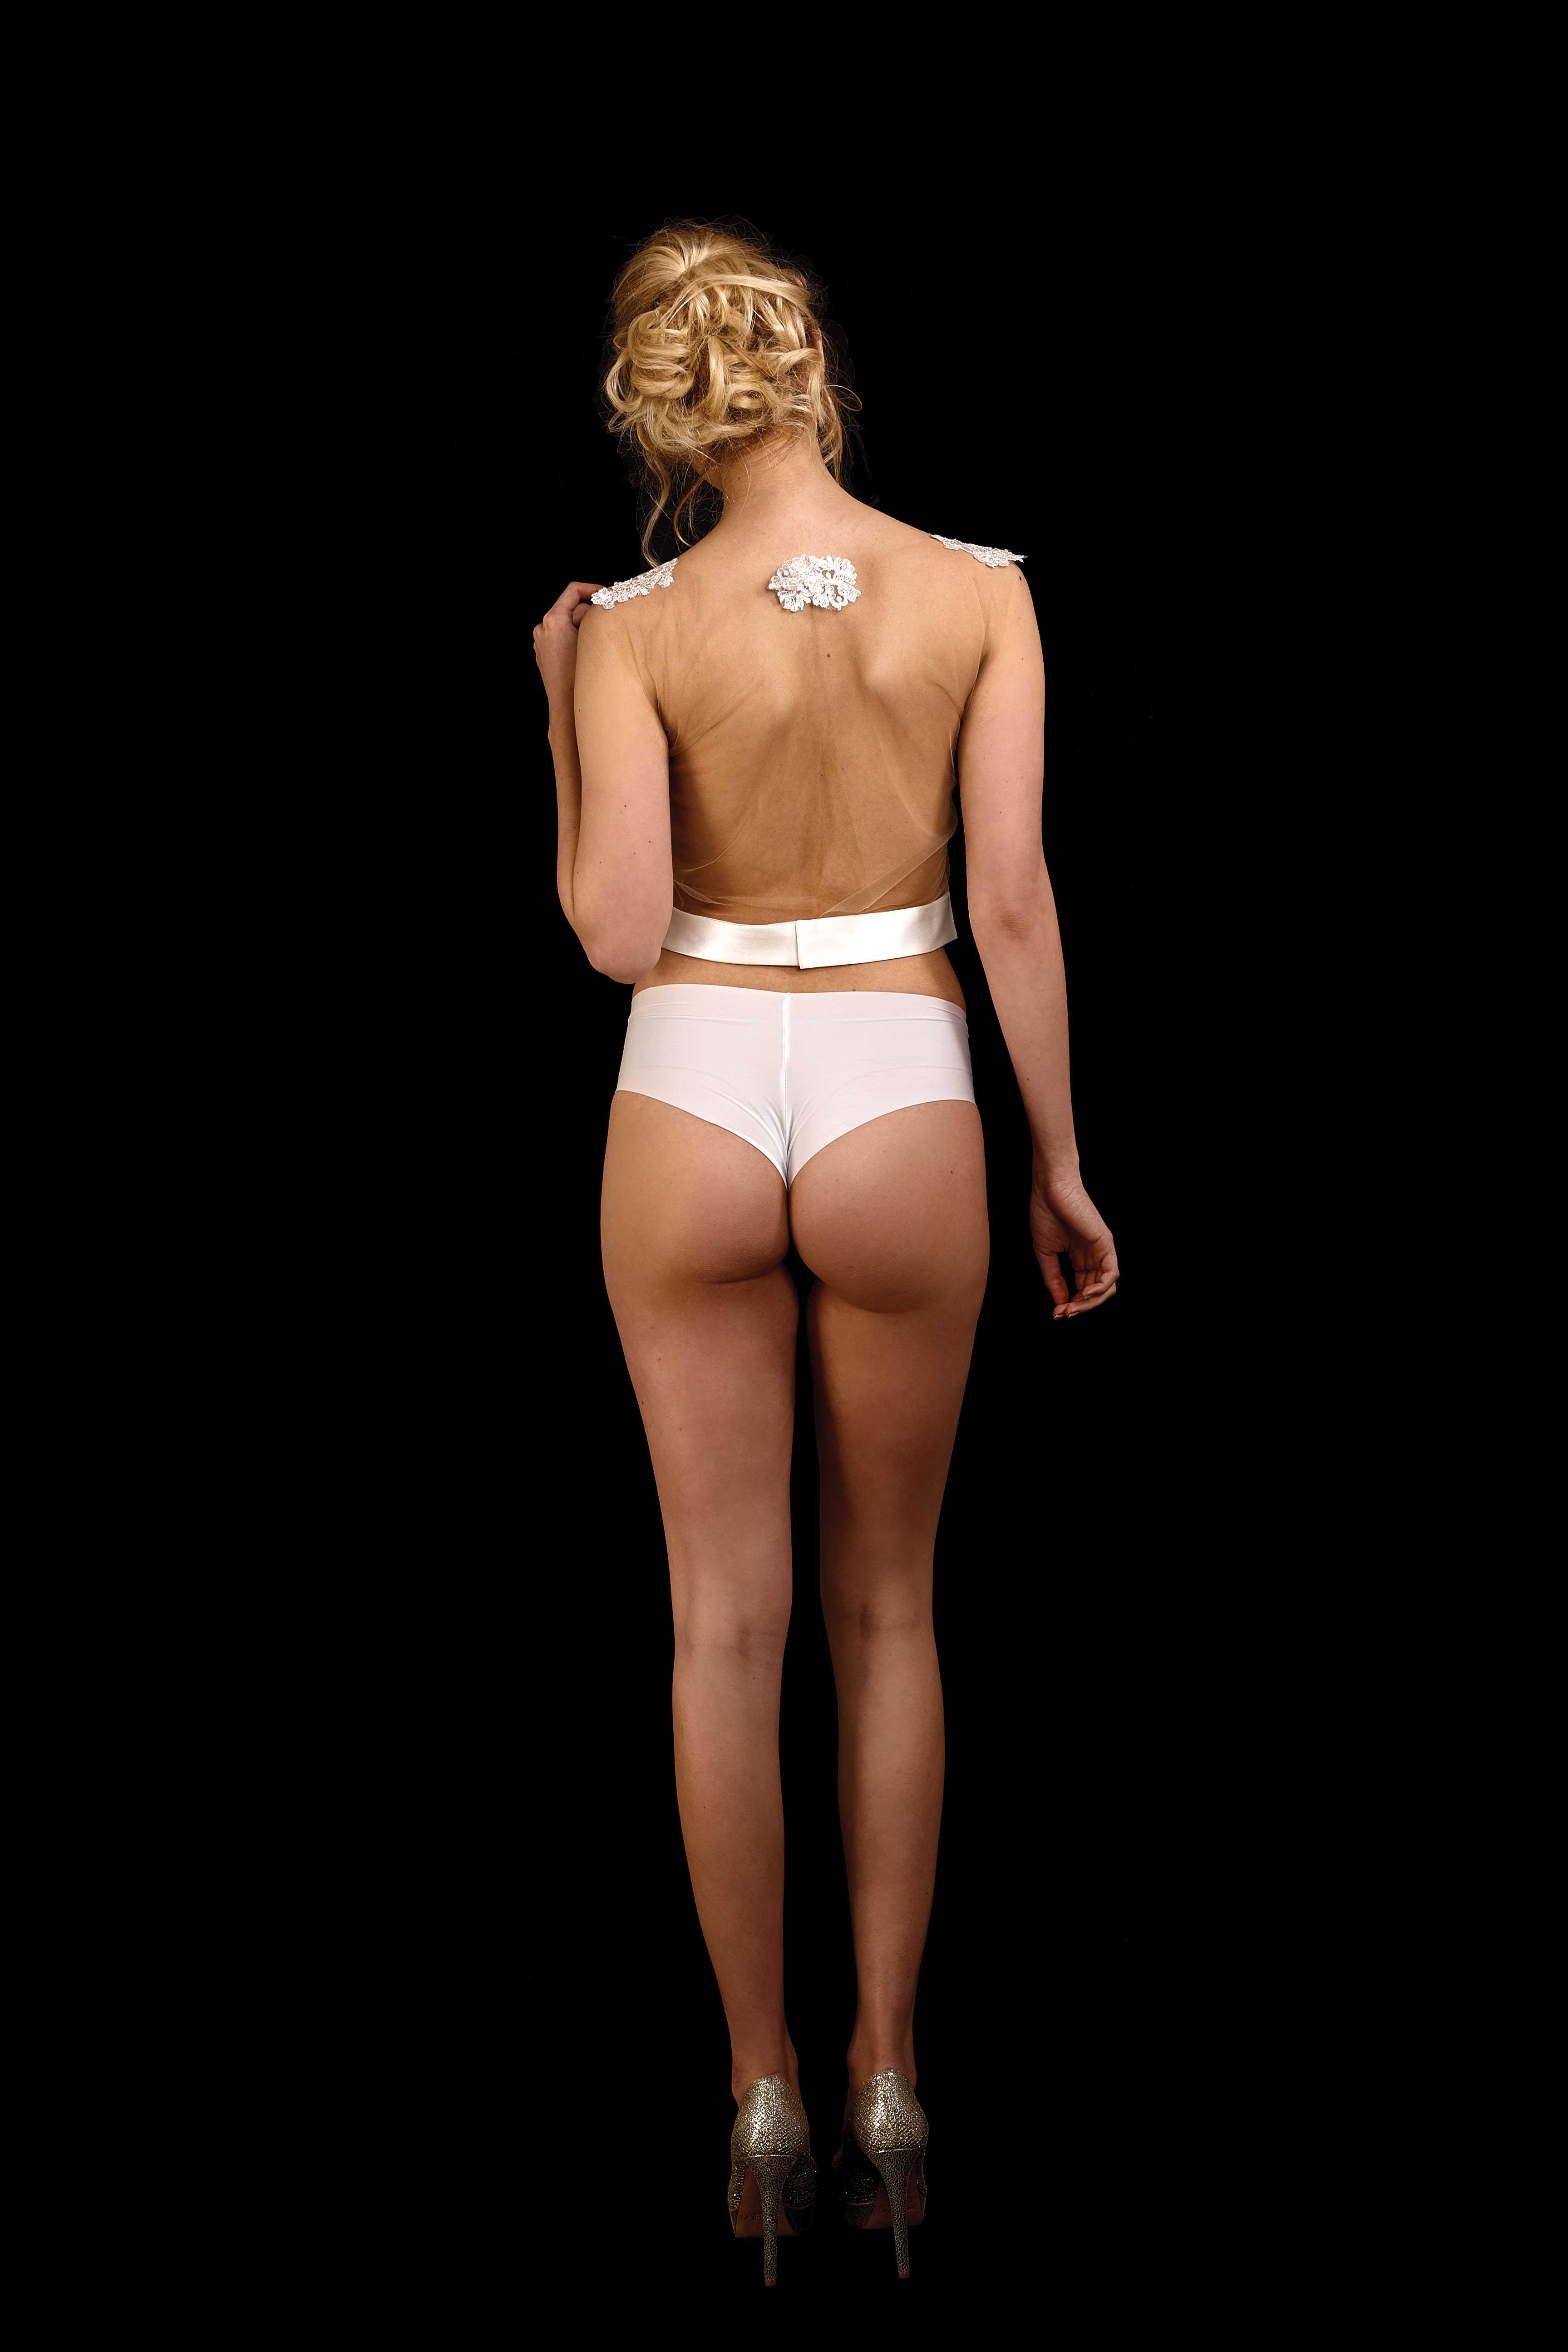 Rückenansicht transparentes Top Jacky 2.0 in ivory aus hautfarbenem Tüll mit Spitze an der Brust und Duchesse Bund